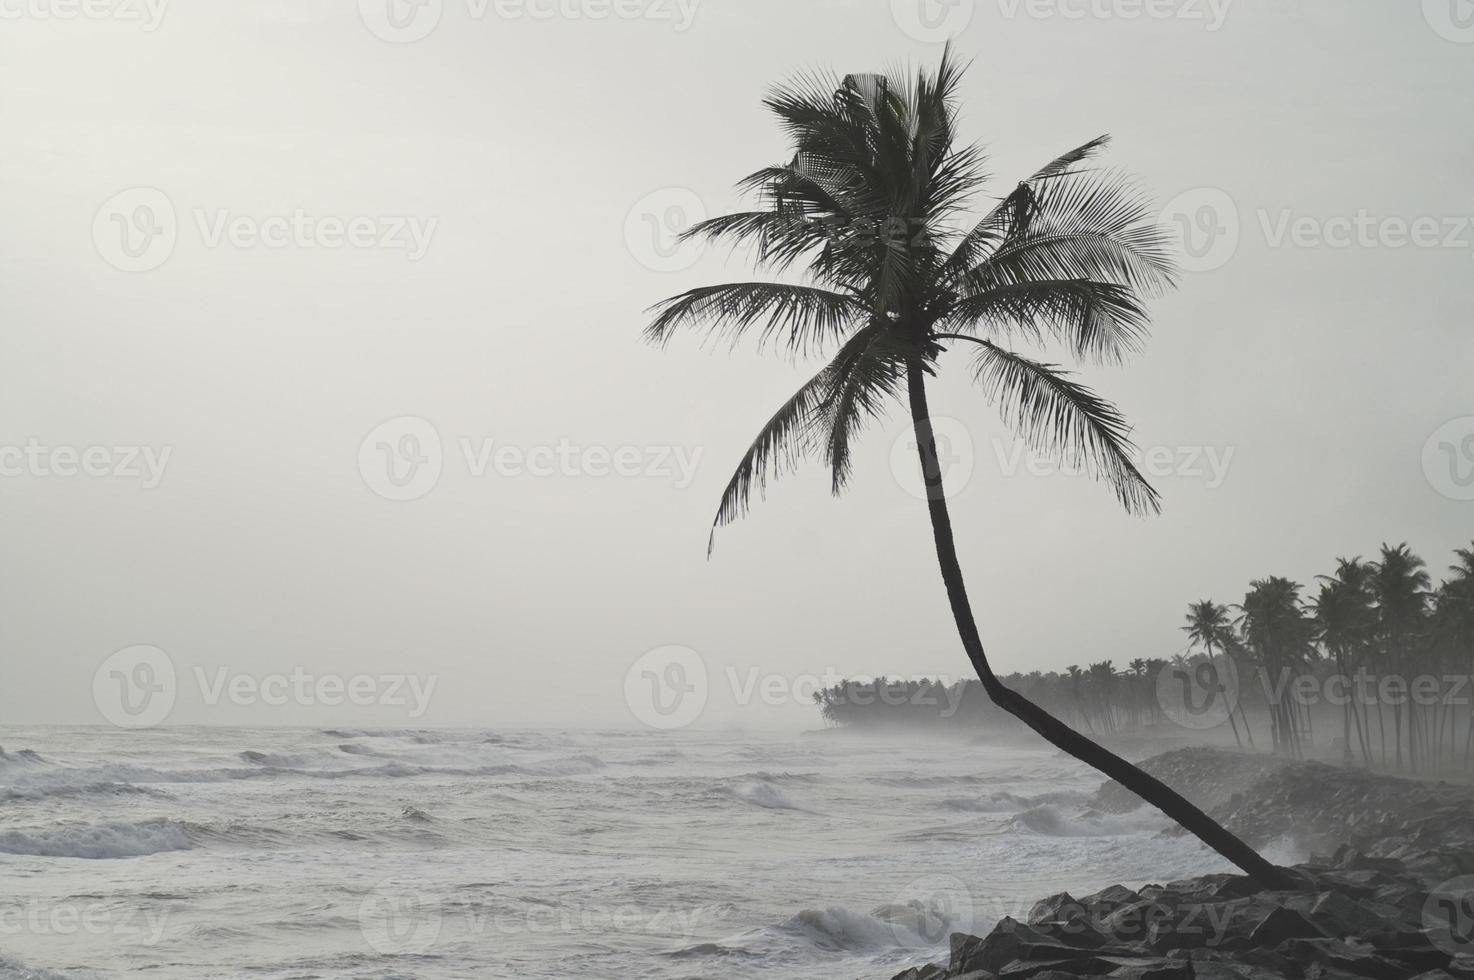 palmeira solitária enfrentando a tempestade foto